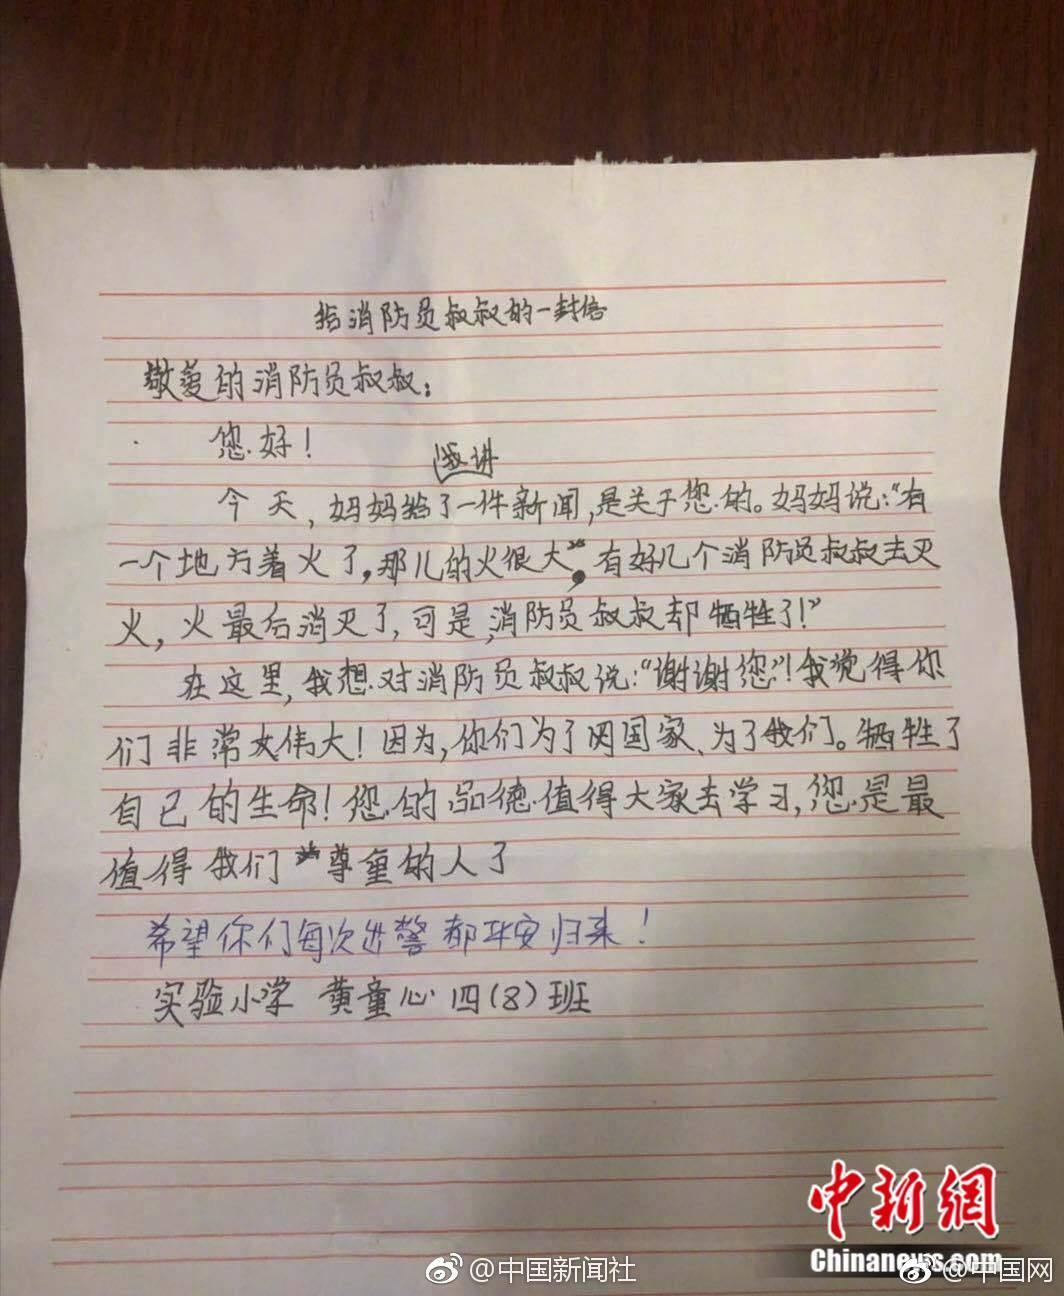 黄冈一村支书醉驾撞伤姐弟俩后逃逸 警方:将严格依法办案